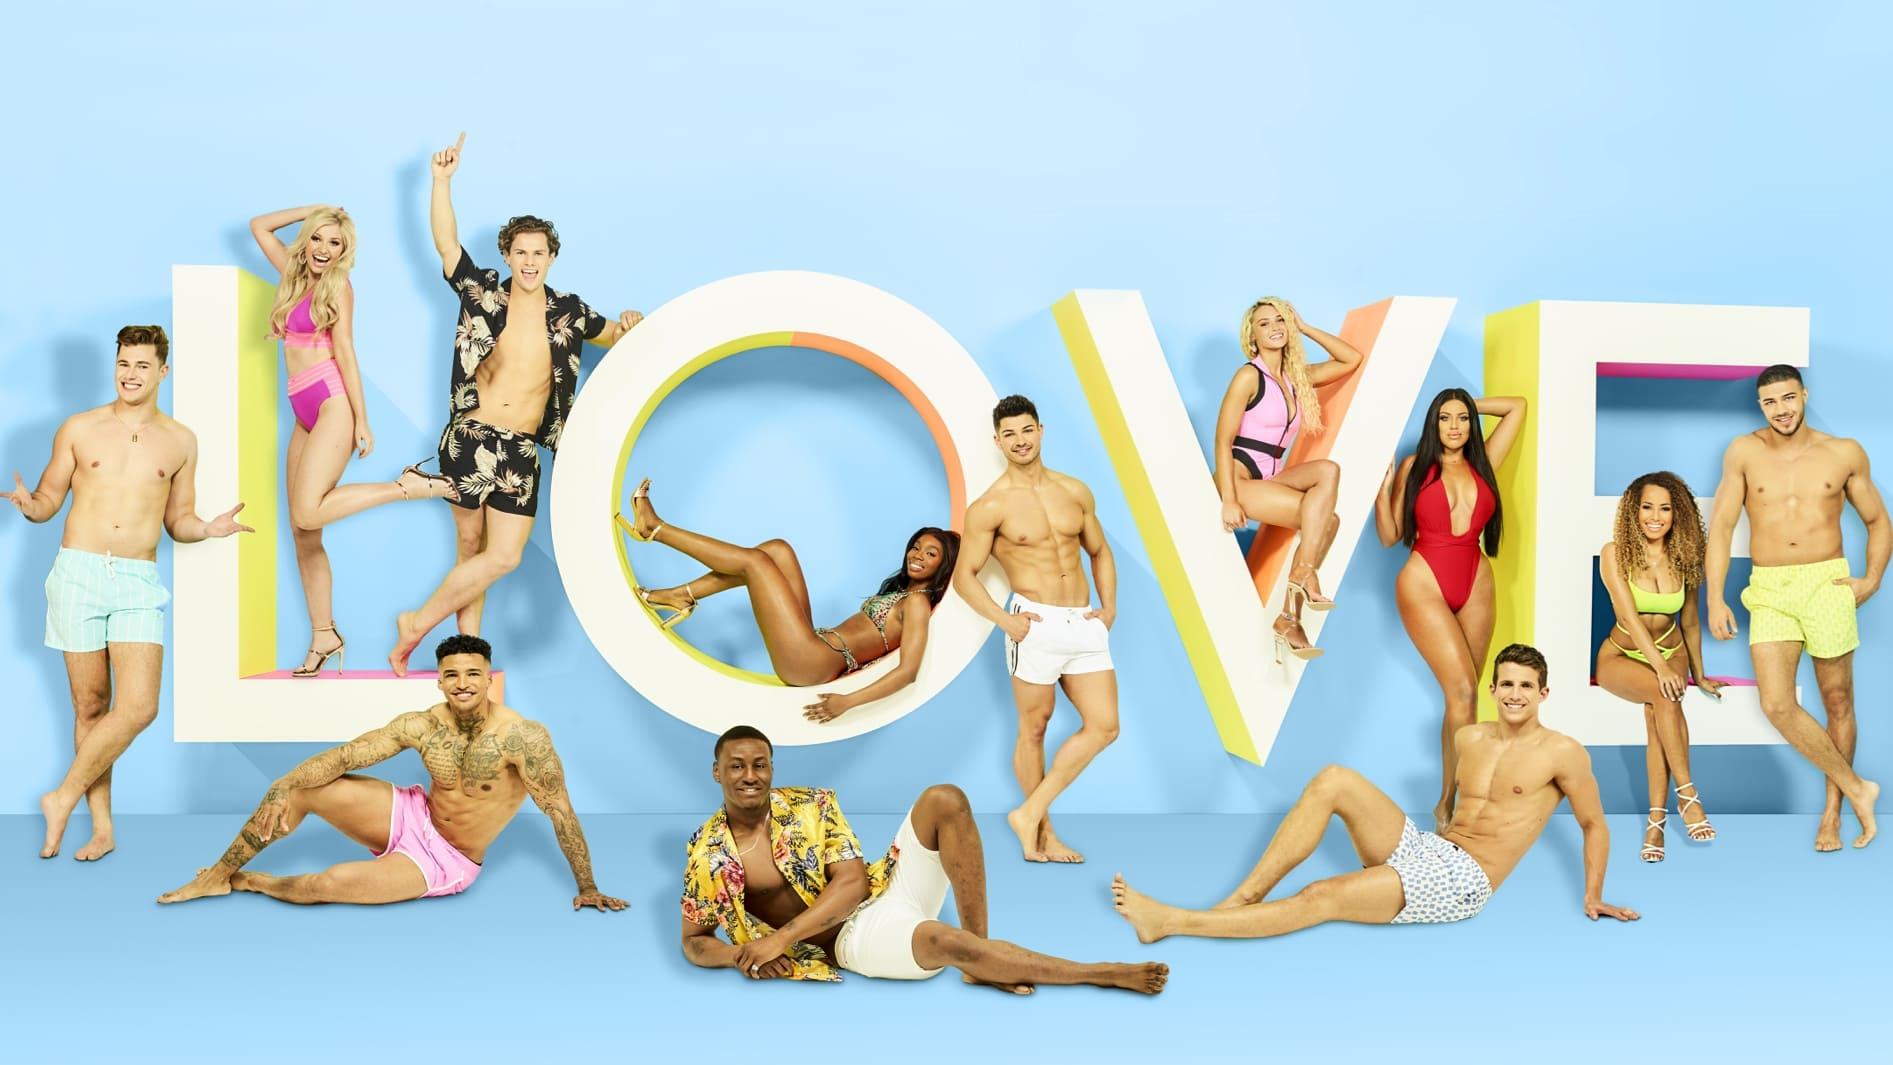 Love Island - Season 7